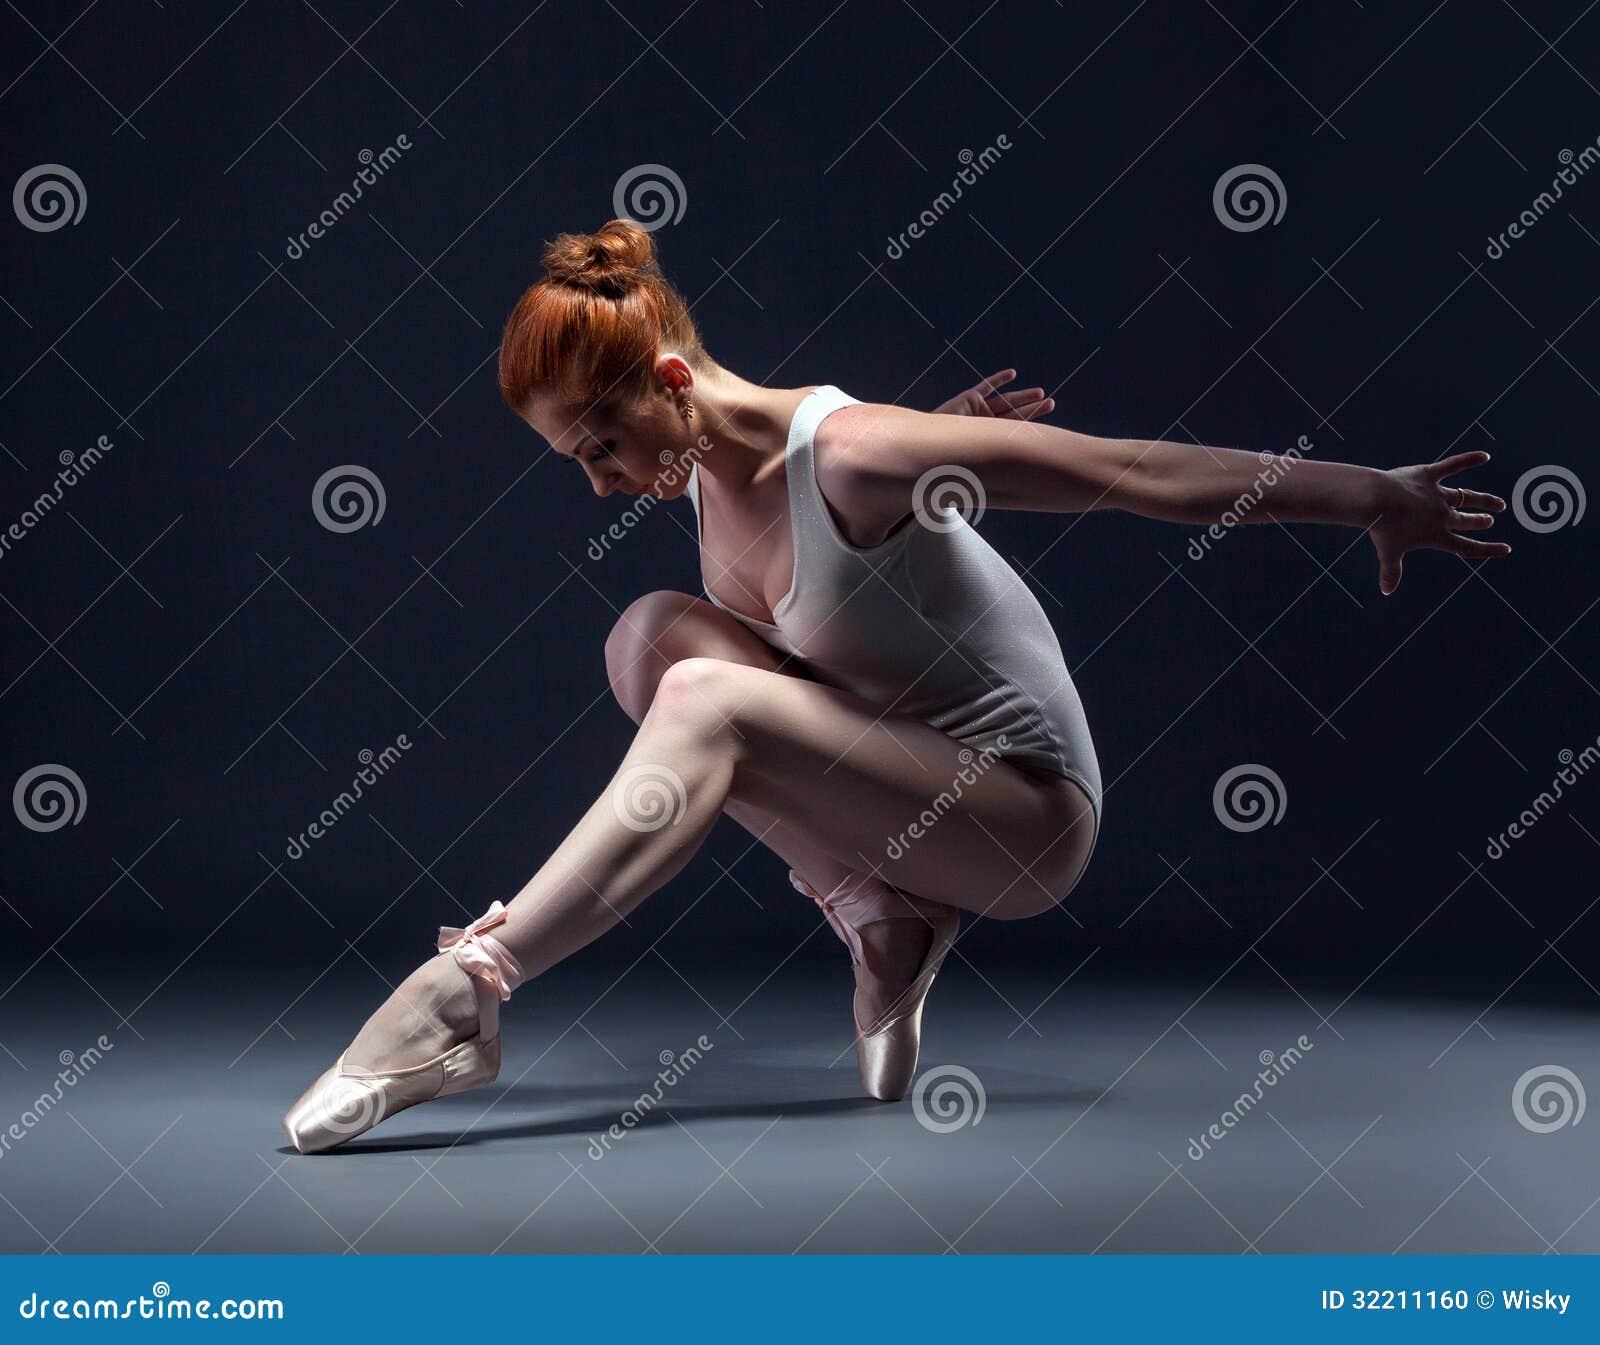 термобелья Несомненно, балетные позы в шопенке для фото термобелье способно